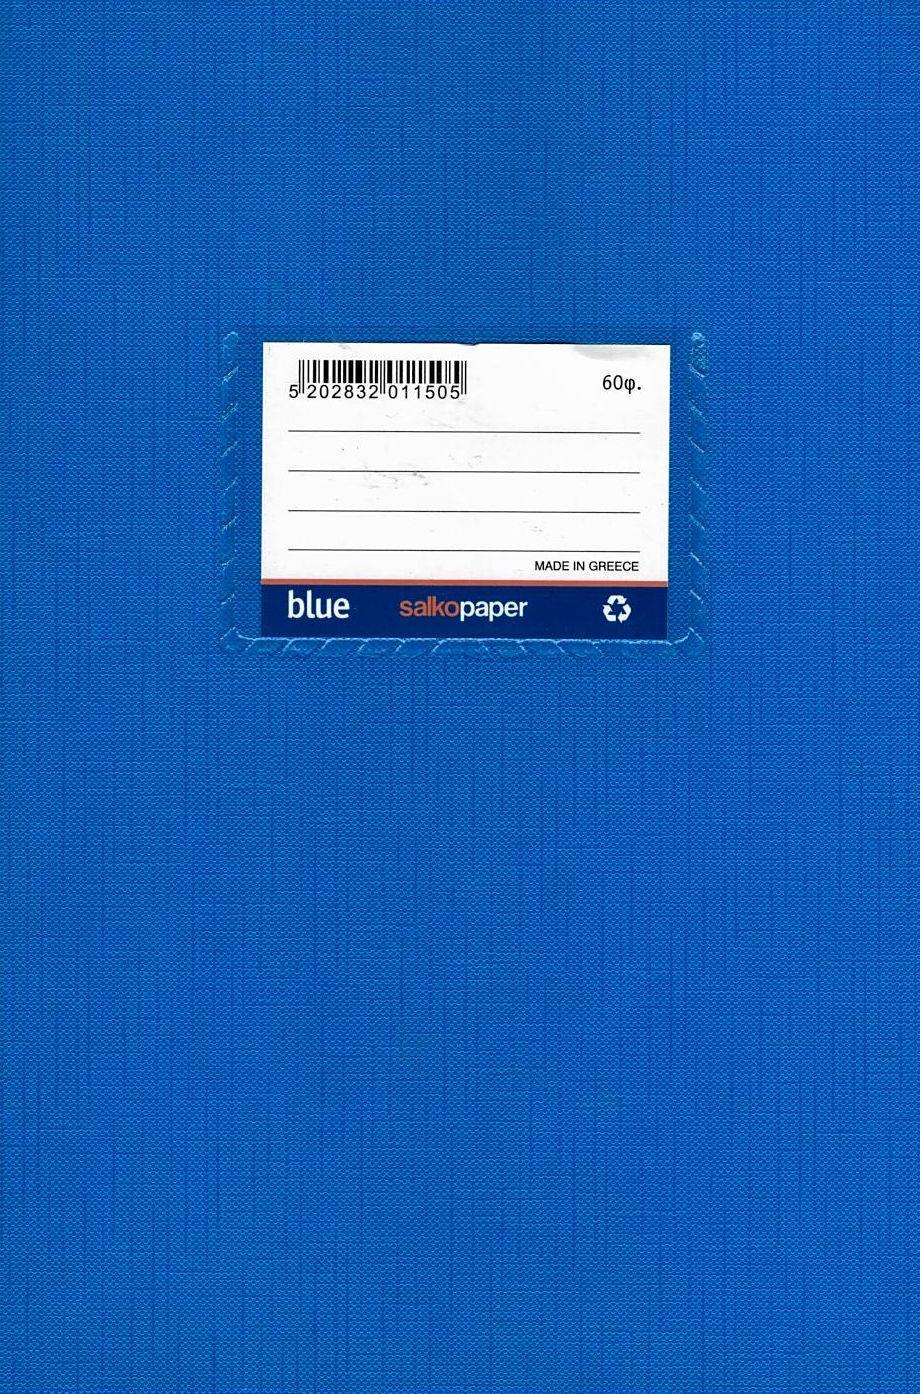 Τετράδιο ριγέ Β5 Salko Paper μπλέ 60 φύλλων - 1